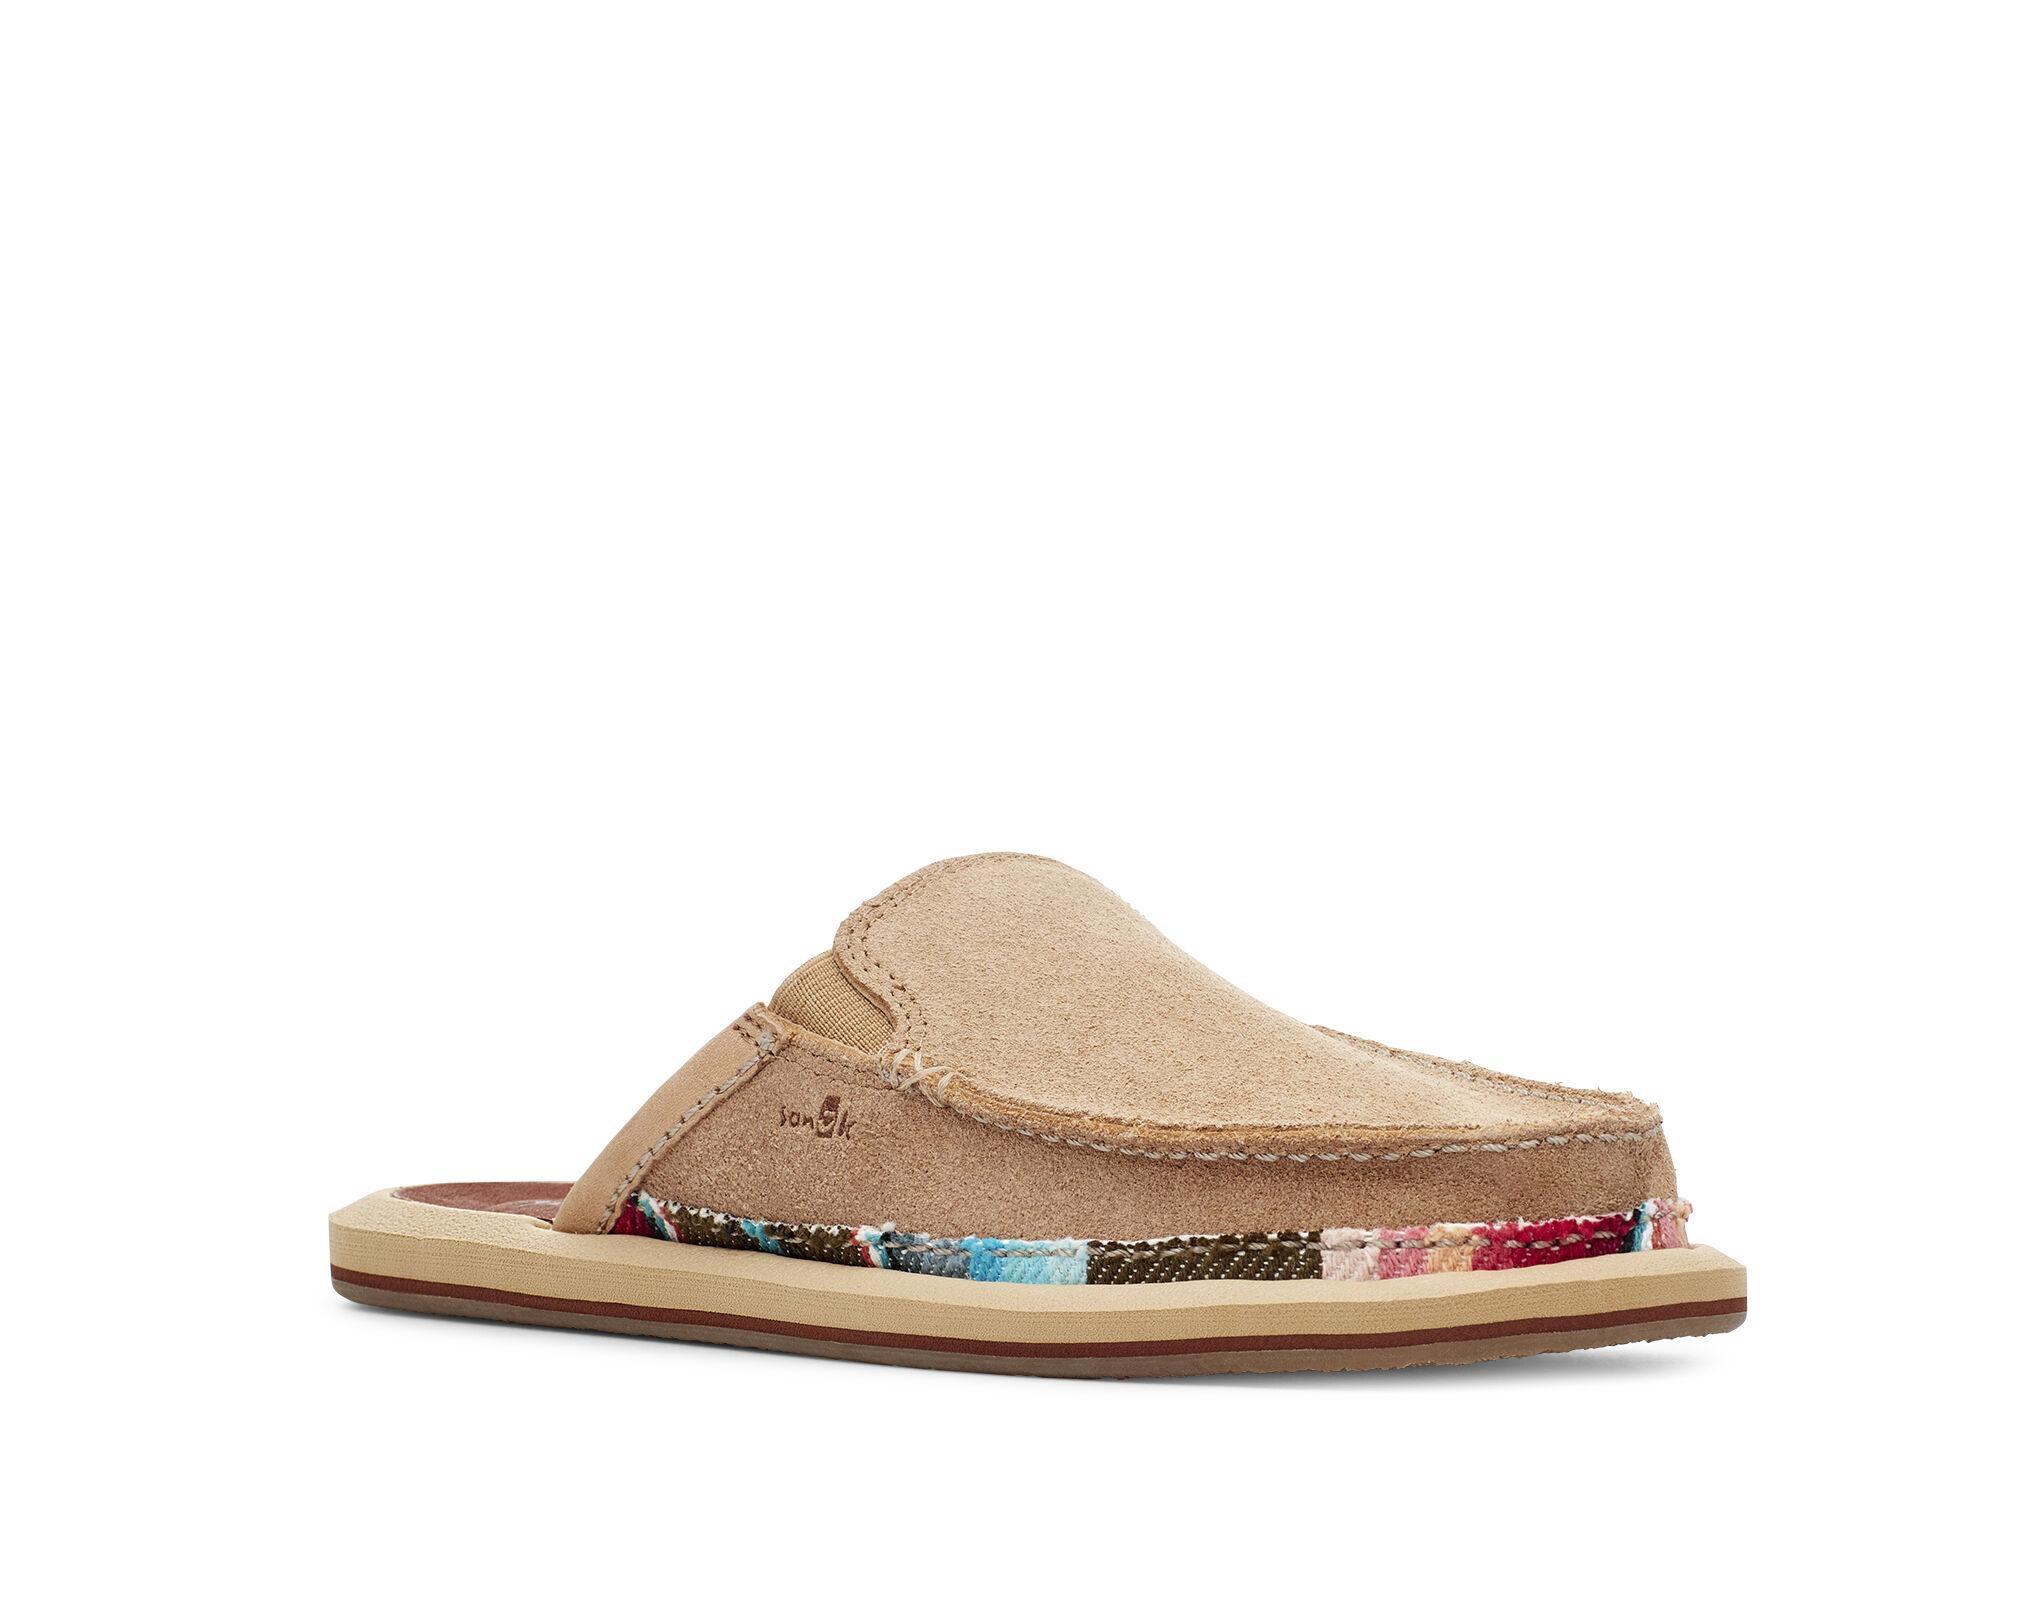 Women's Casual Shoes \u0026 Sandals   Sanuk